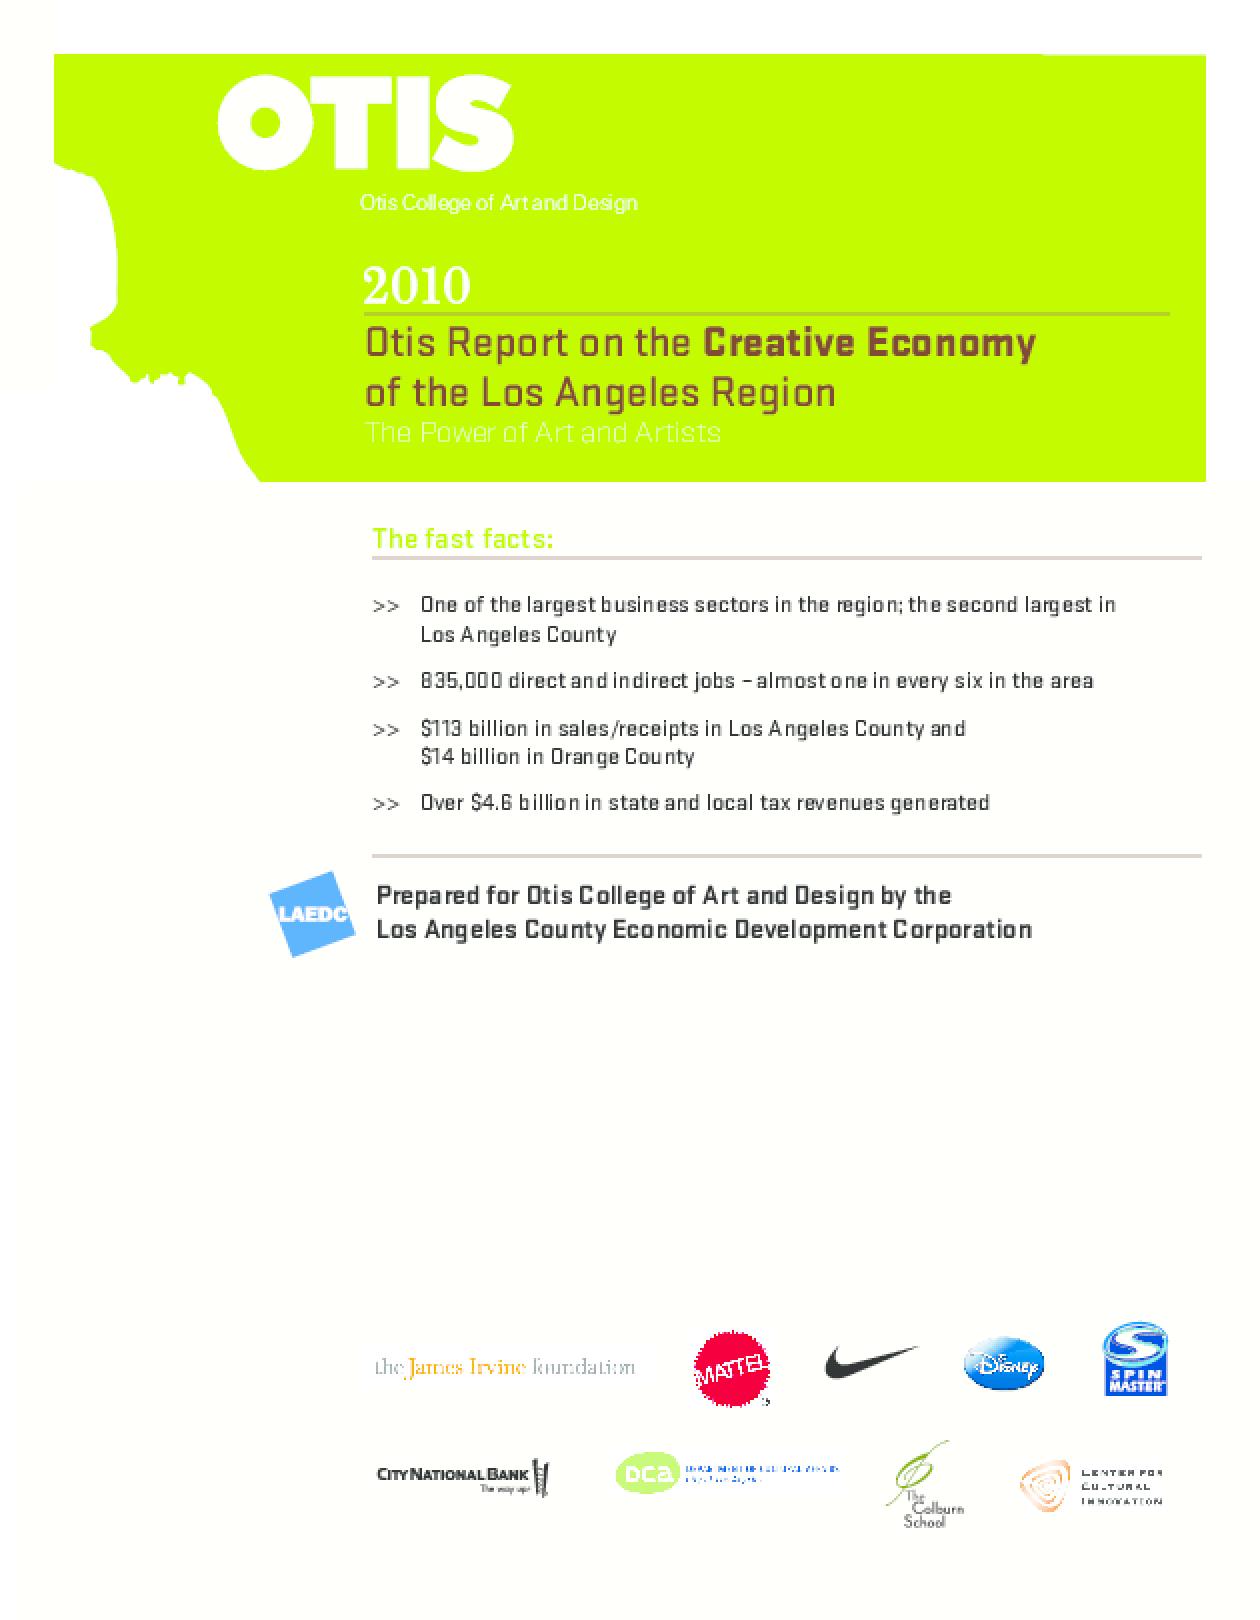 2010 Otis Report on the Creative Economy of the Los Angeles Region